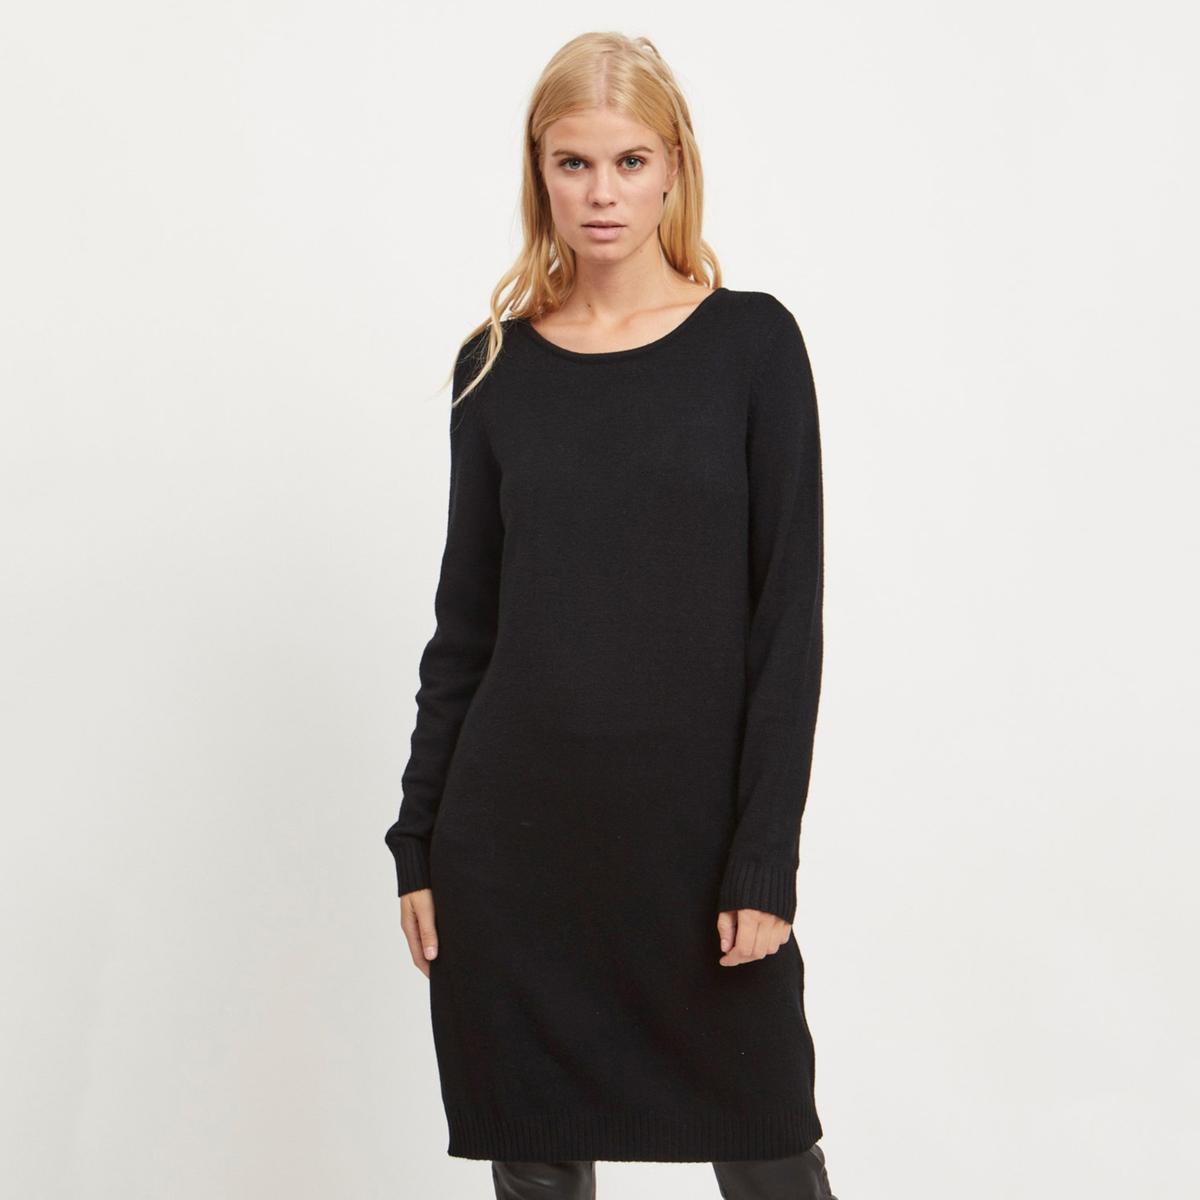 цена Платье-пуловер La Redoute С круглым вырезом и длинными рукавами M черный онлайн в 2017 году